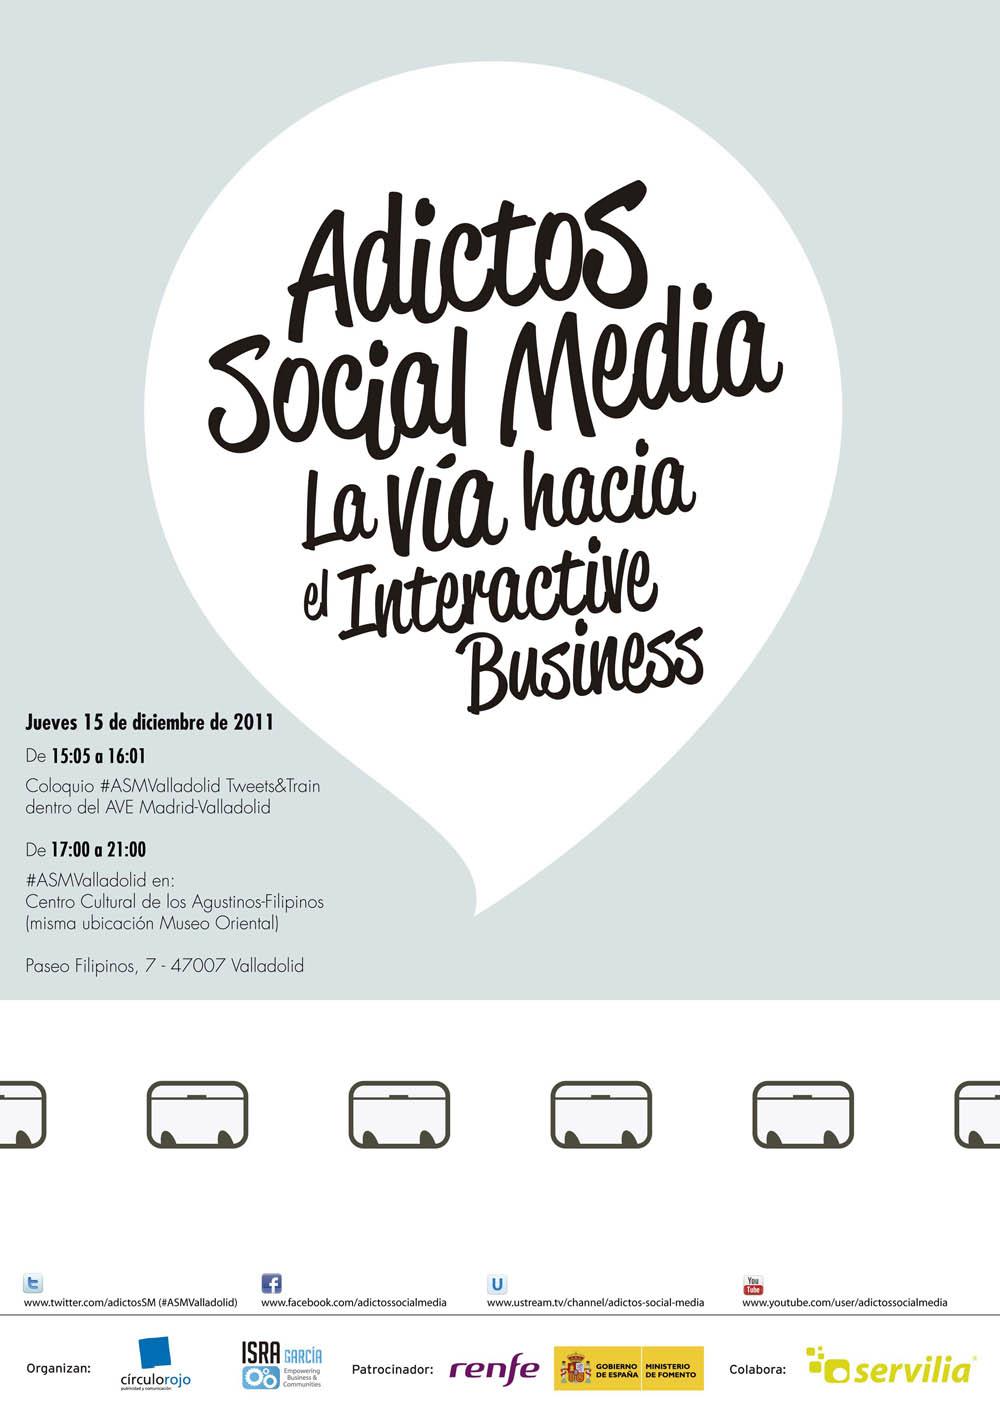 ASM Valladolid: la vía hacia el interactive business